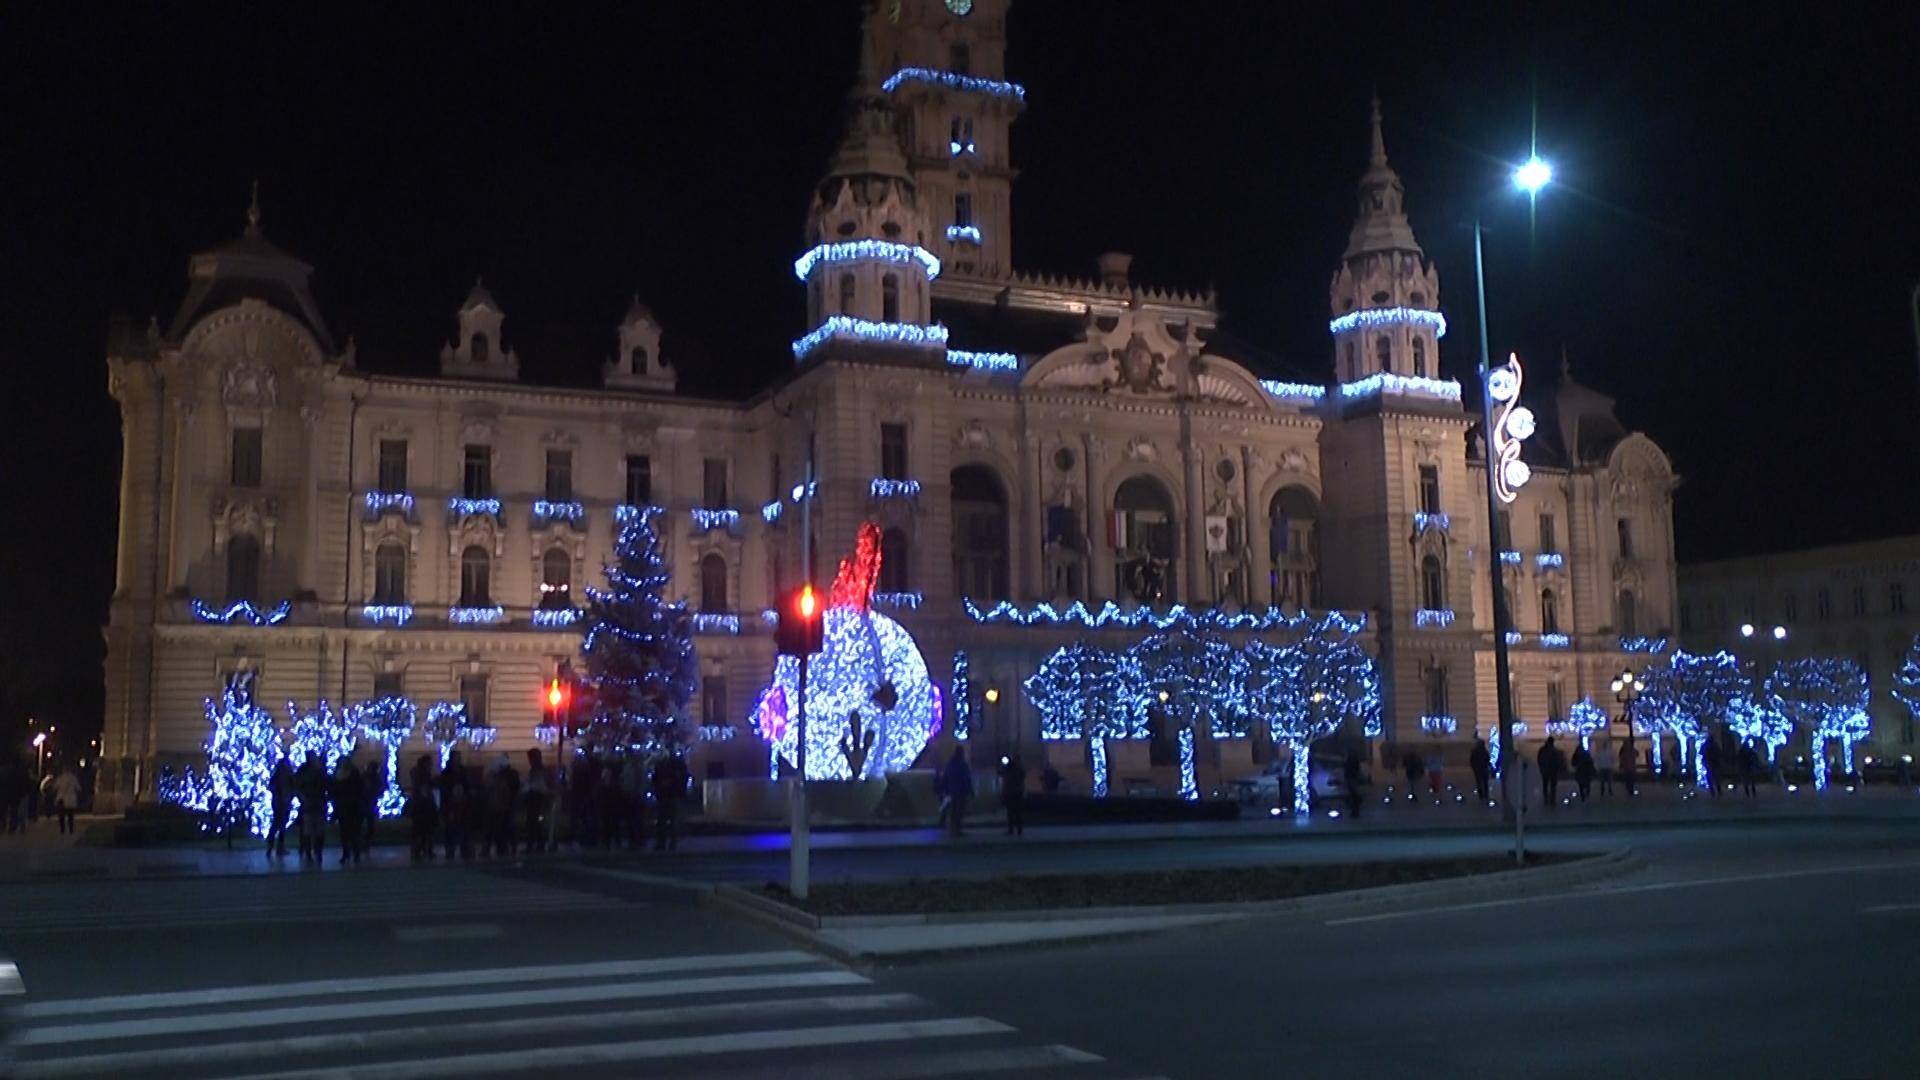 Weihnachtsmarkt Noch Geöffnet.Györer Weihnachtsmarkt Einer Der Schönsten Ungarns Ungarn Tv Com